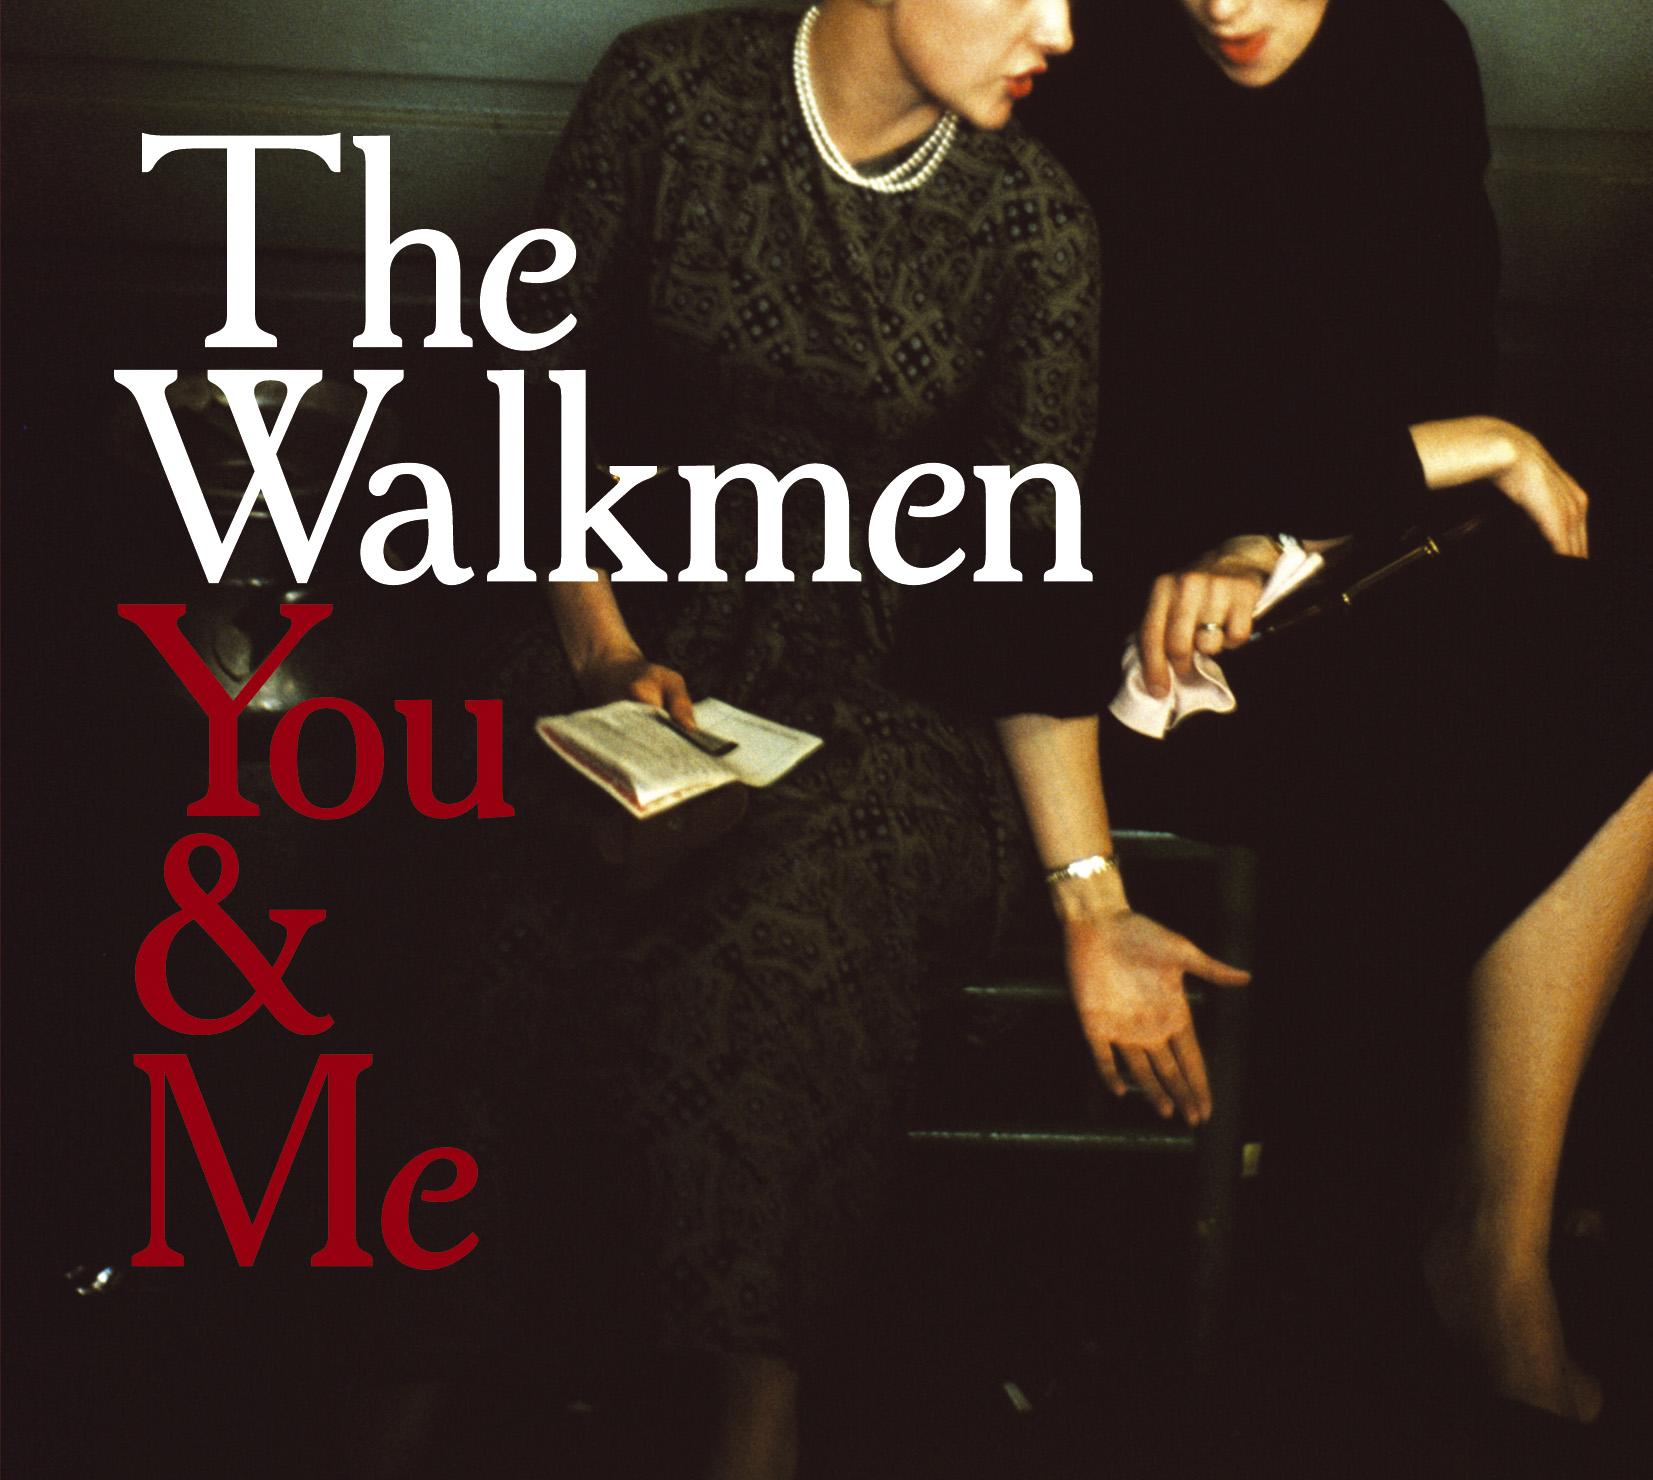 WALKMEN ALBUM final file.indd